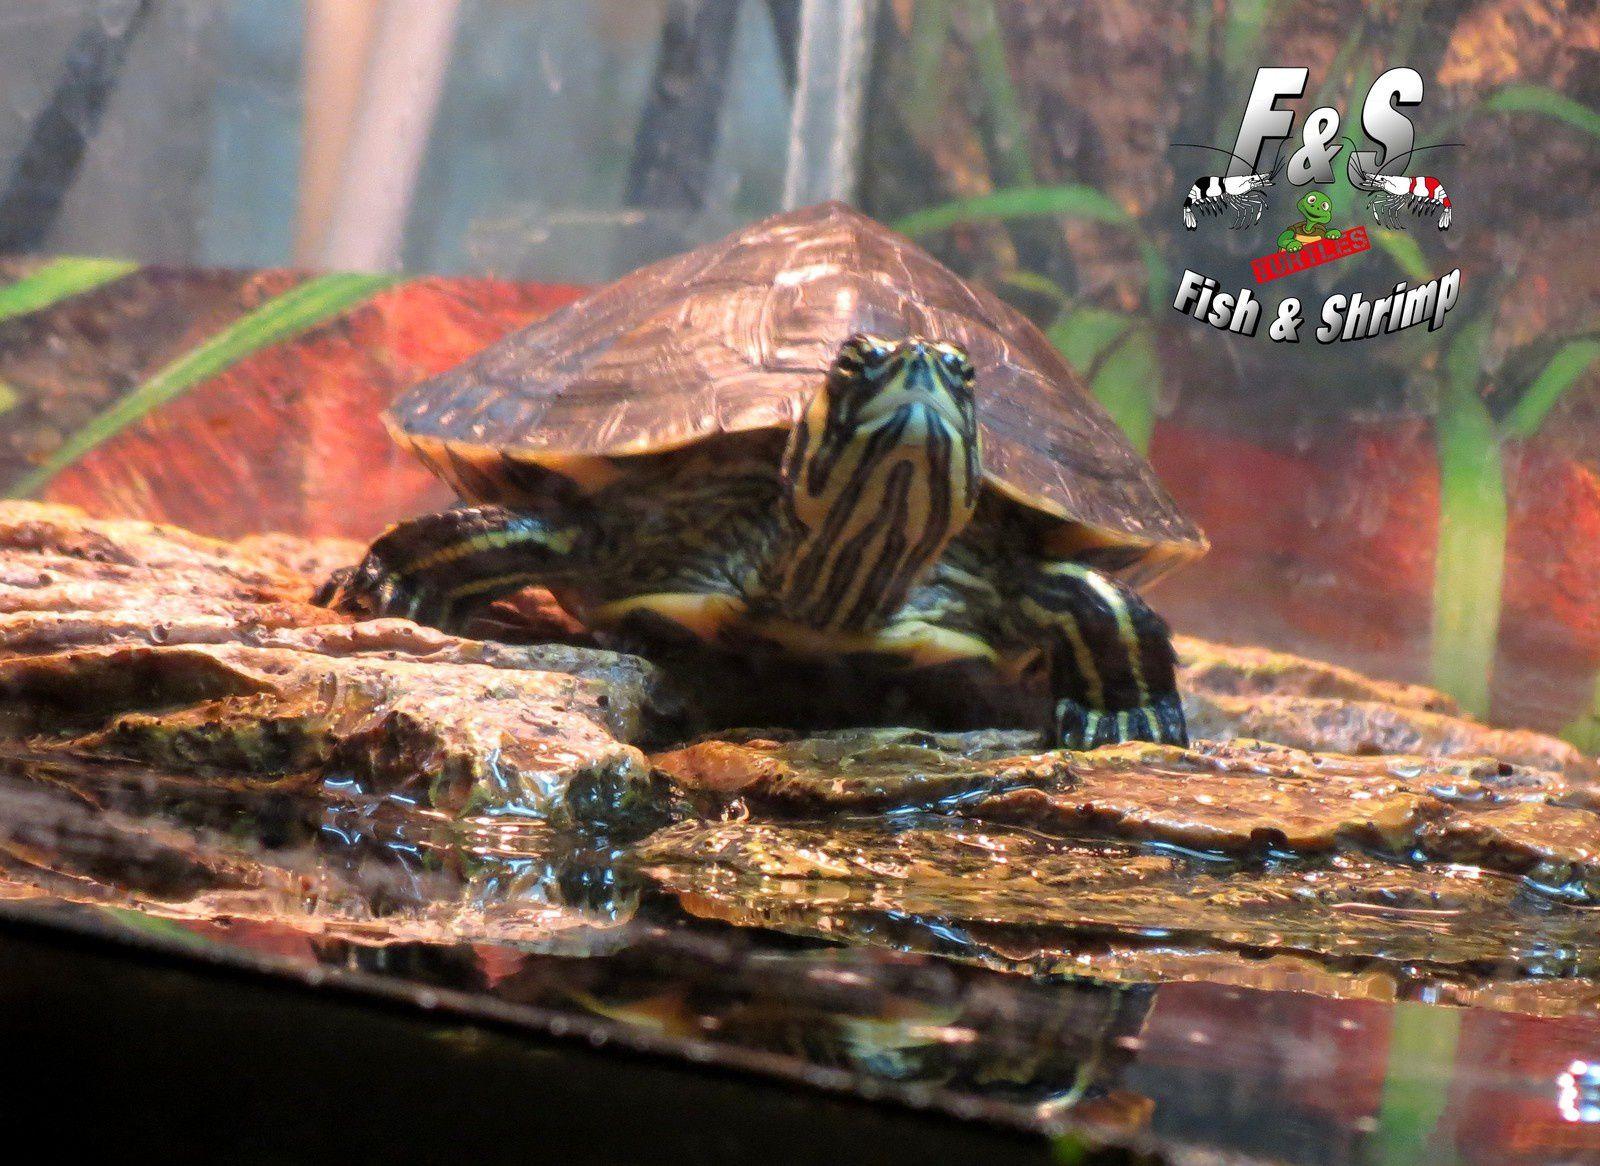 Les tortues pendent la crémaillère...